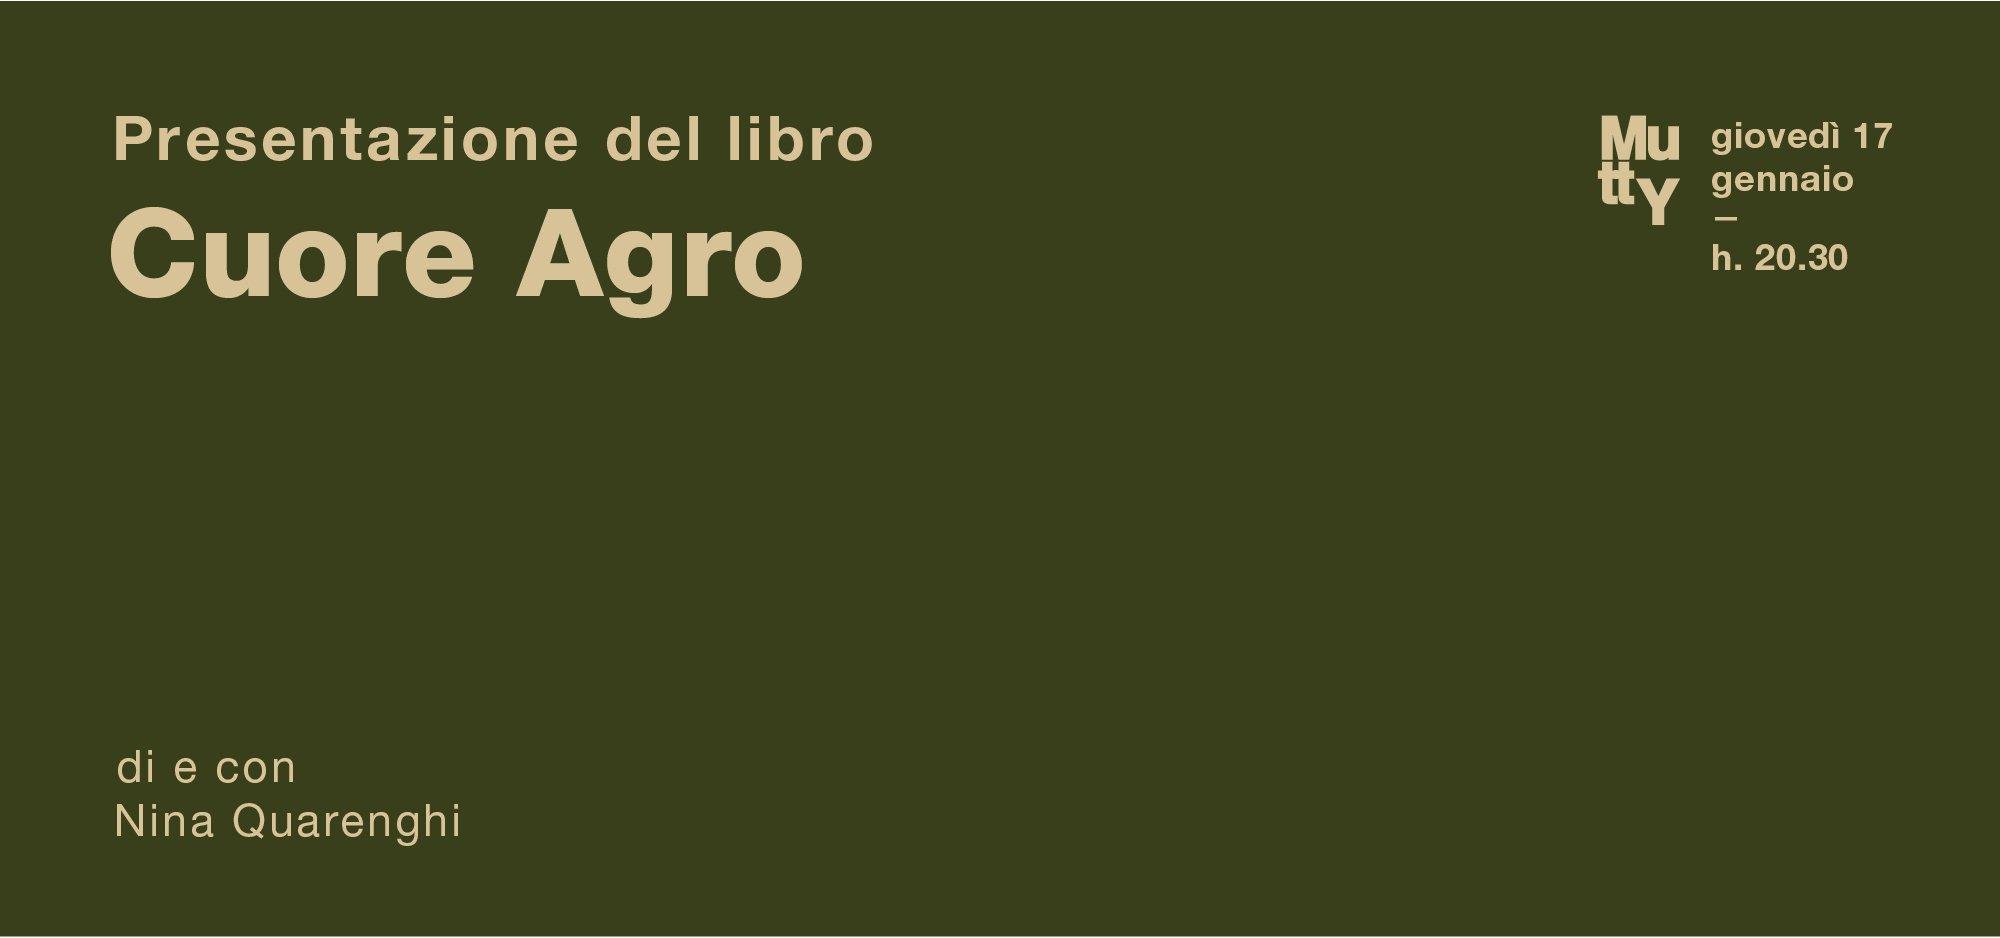 Cuore Agro/ presentazione del libro di e con Nina Quarenghi